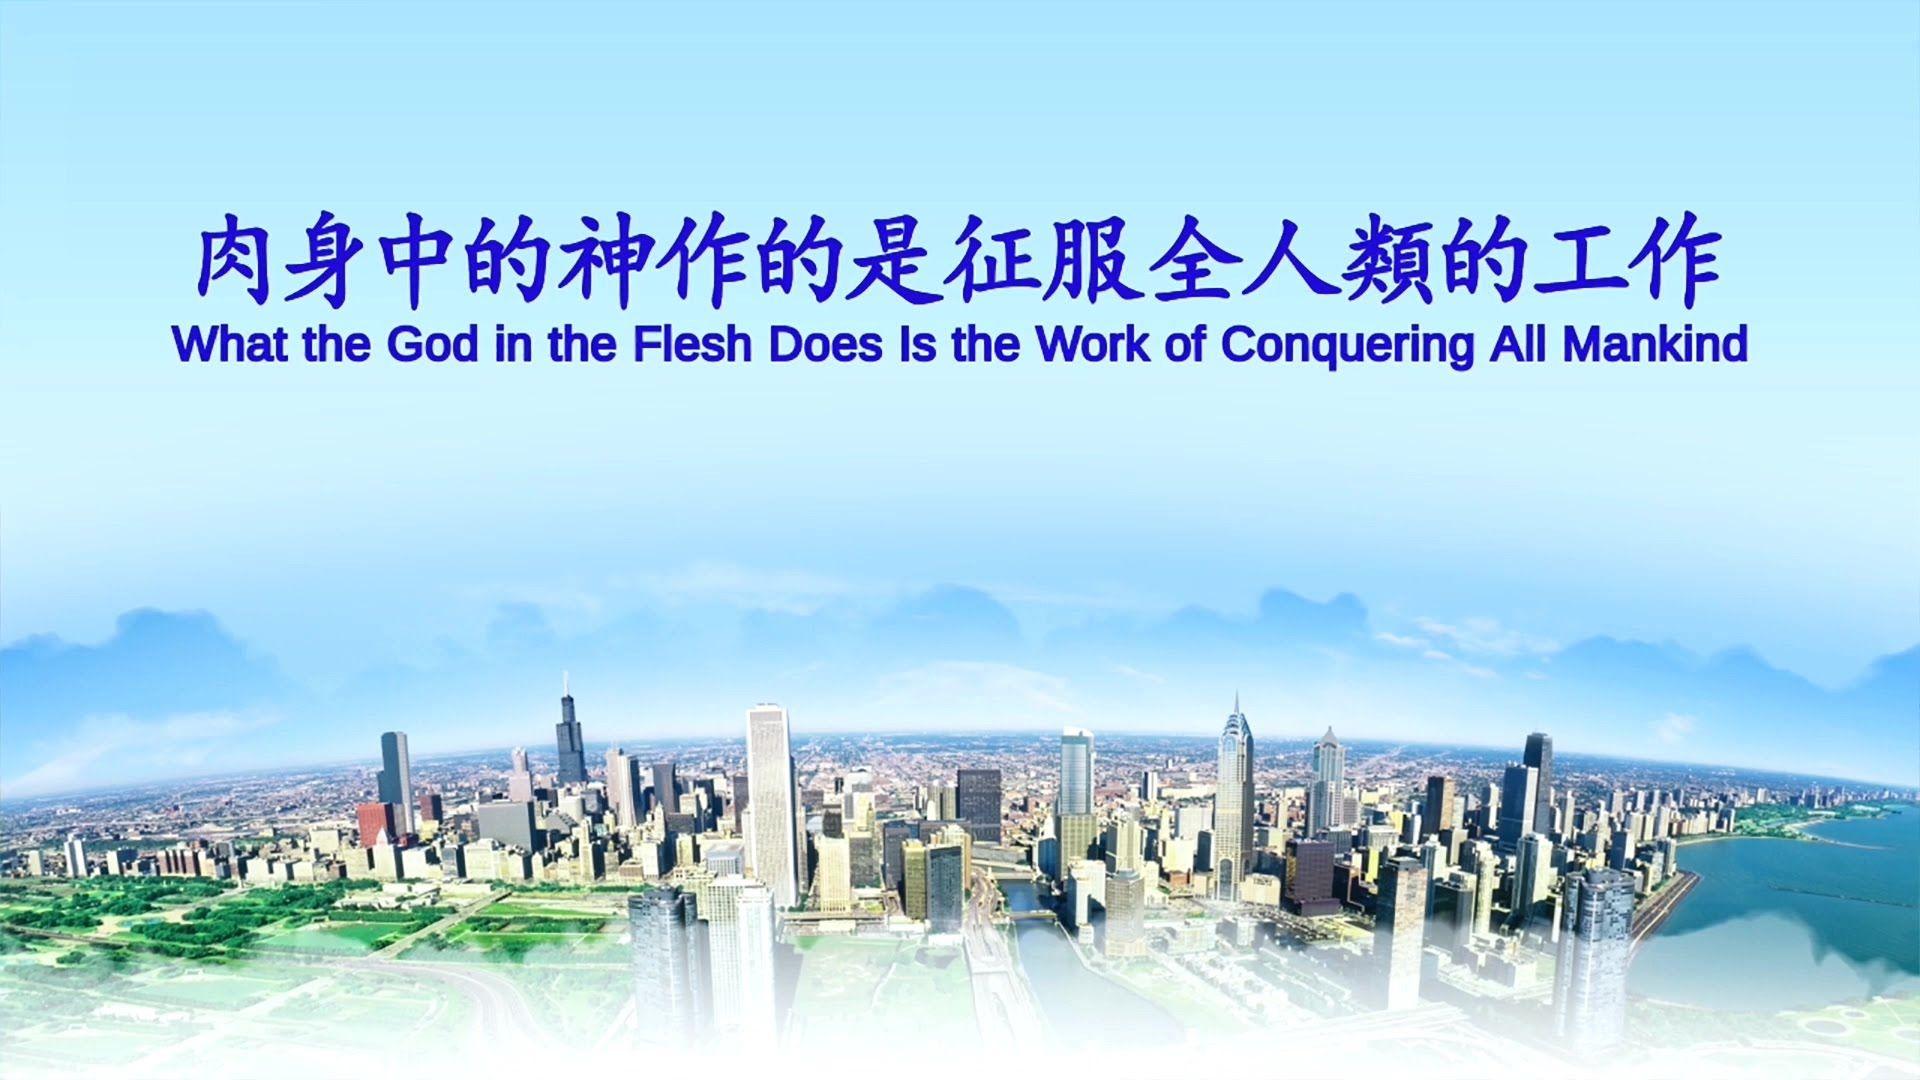 東方閃電 全能神教會神話詩歌 肉身中的神作的是征服全人類的工作 神 閃電 神話